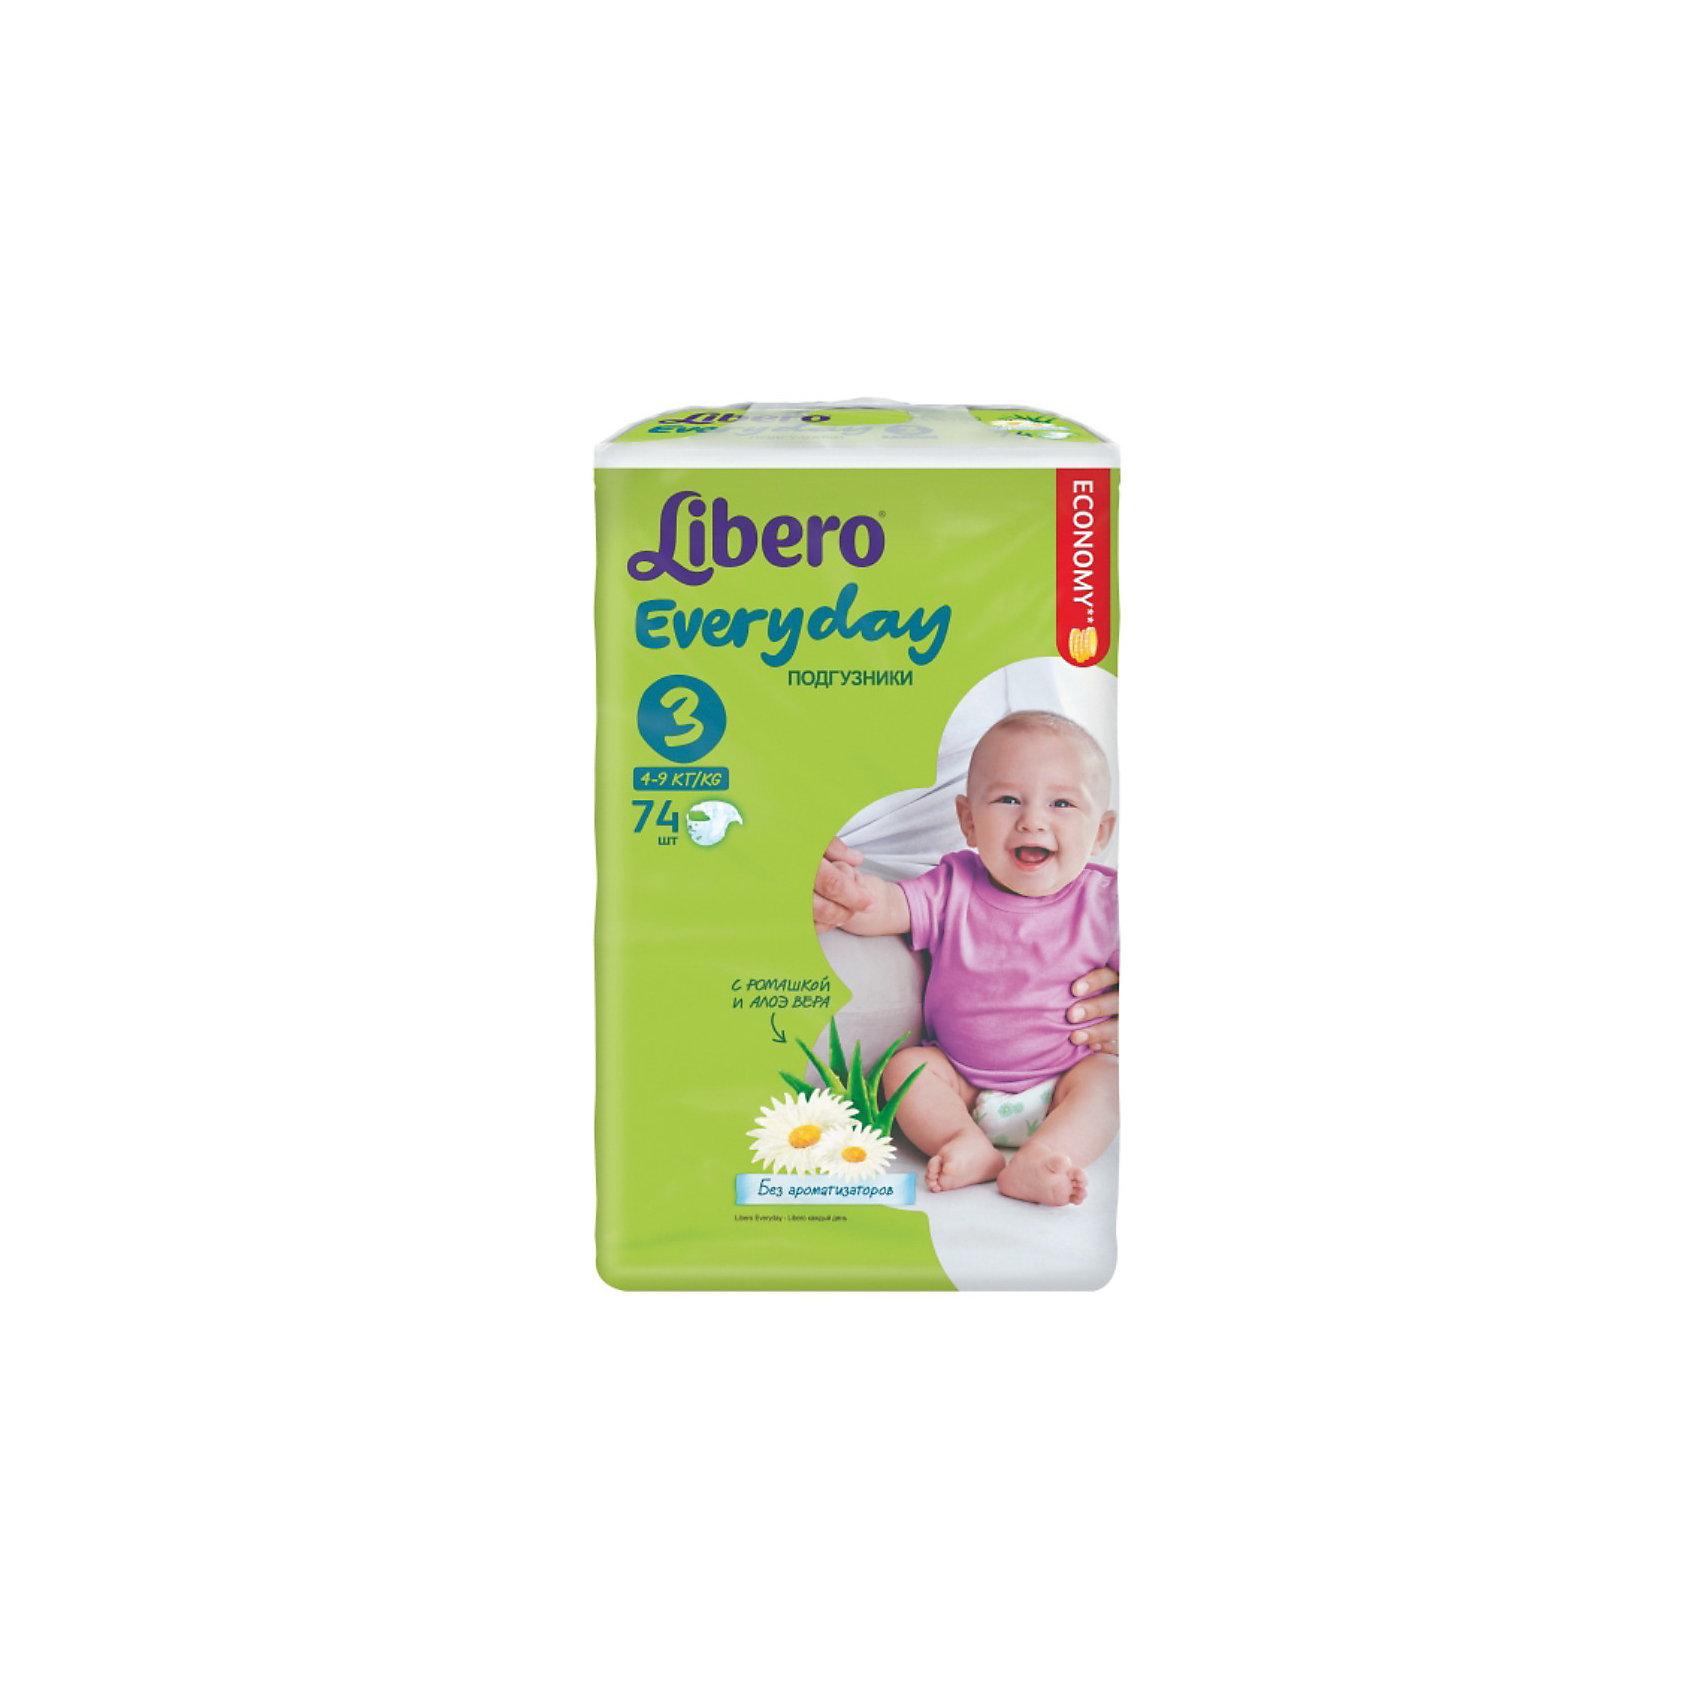 Подгузники Libero Everyday, Midi 4-9 кг (3), 74 шт., MegaПодгузники 6-10 кг<br>Подгузники Libero Everyday (Либеро Эвридэй) Size 3 (4-9кг), 74 шт.<br><br>Характеристики:<br><br>• быстро впитывают влагу и удерживают ее<br>• нетканый дышащий материал<br>• эластичная резиночка не сковывает движения ребенка<br>• мягкий барьер вокруг ног защитит от протеканий<br>• приятный рисунок<br>• многоразовые застежки<br>• размер: 3 (от 4 до 9 кг)<br>• количество в упаковке: 74 шт.<br><br>Подгузники Libero Everyday подарят сухость и комфорт вашему малышу. Подгузники плотно прилегают к телу и не сковывают движения крохи, благодаря эластичному поясу. Нетканый материал подгузника имеет отверстия для циркуляции воздуха, позволяющие коже дышать. Внутренний слой быстро впитывает влагу, равномерно распределяет и удерживает ее внутри. <br>Ромашка и алоэ бережно позаботятся о коже малыша и не допустят воспаления и раздражения. Подарите крохе комфорт с подгузниками Libero Everyday!<br><br>Подгузники Libero Everyday (Либеро Эвридэй) Size 3 (4-9кг), 74 шт. можно купить в нашем интернет-магазине.<br><br>Ширина мм: 115<br>Глубина мм: 240<br>Высота мм: 405<br>Вес г: 2145<br>Возраст от месяцев: 0<br>Возраст до месяцев: 9<br>Пол: Унисекс<br>Возраст: Детский<br>SKU: 3517605